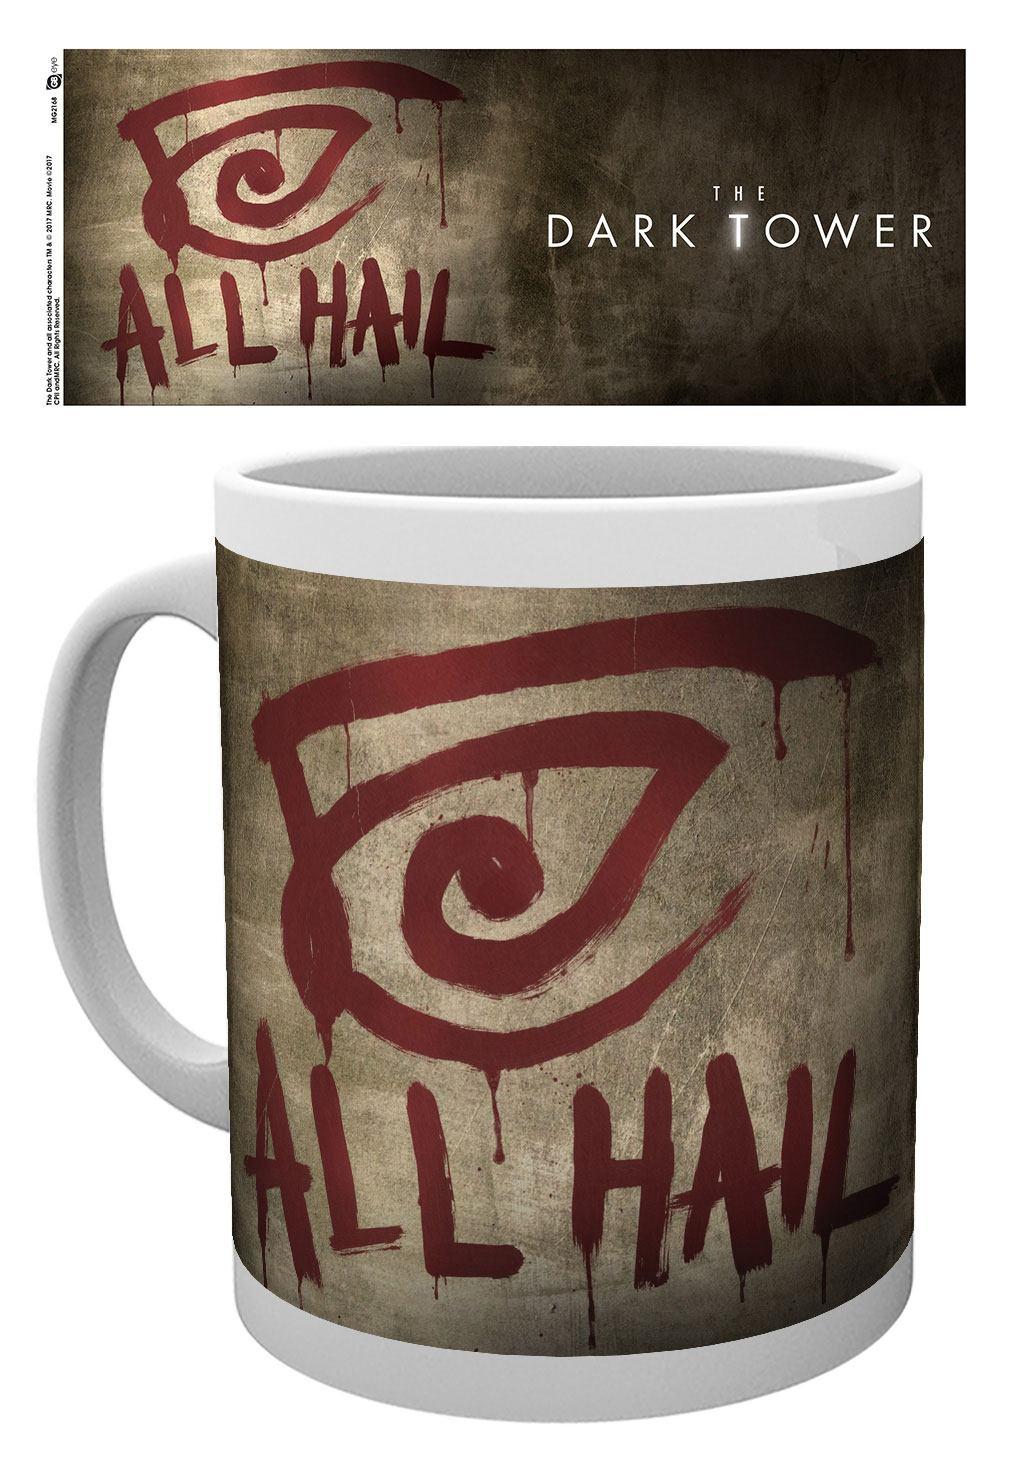 The Dark Tower Mug All Hail